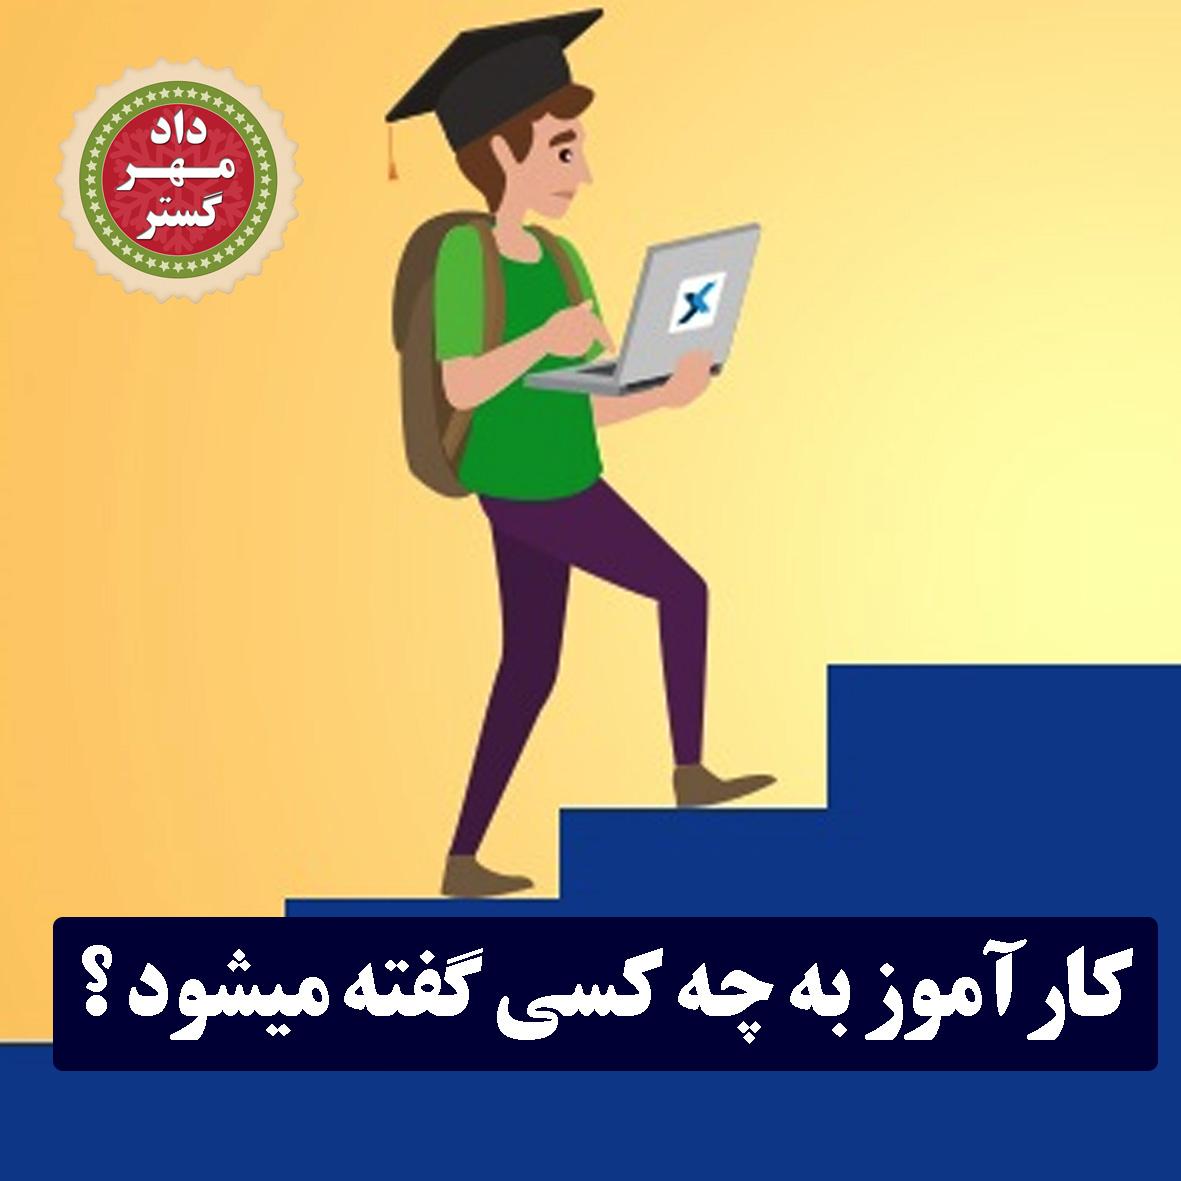 کارآموز کیست؟